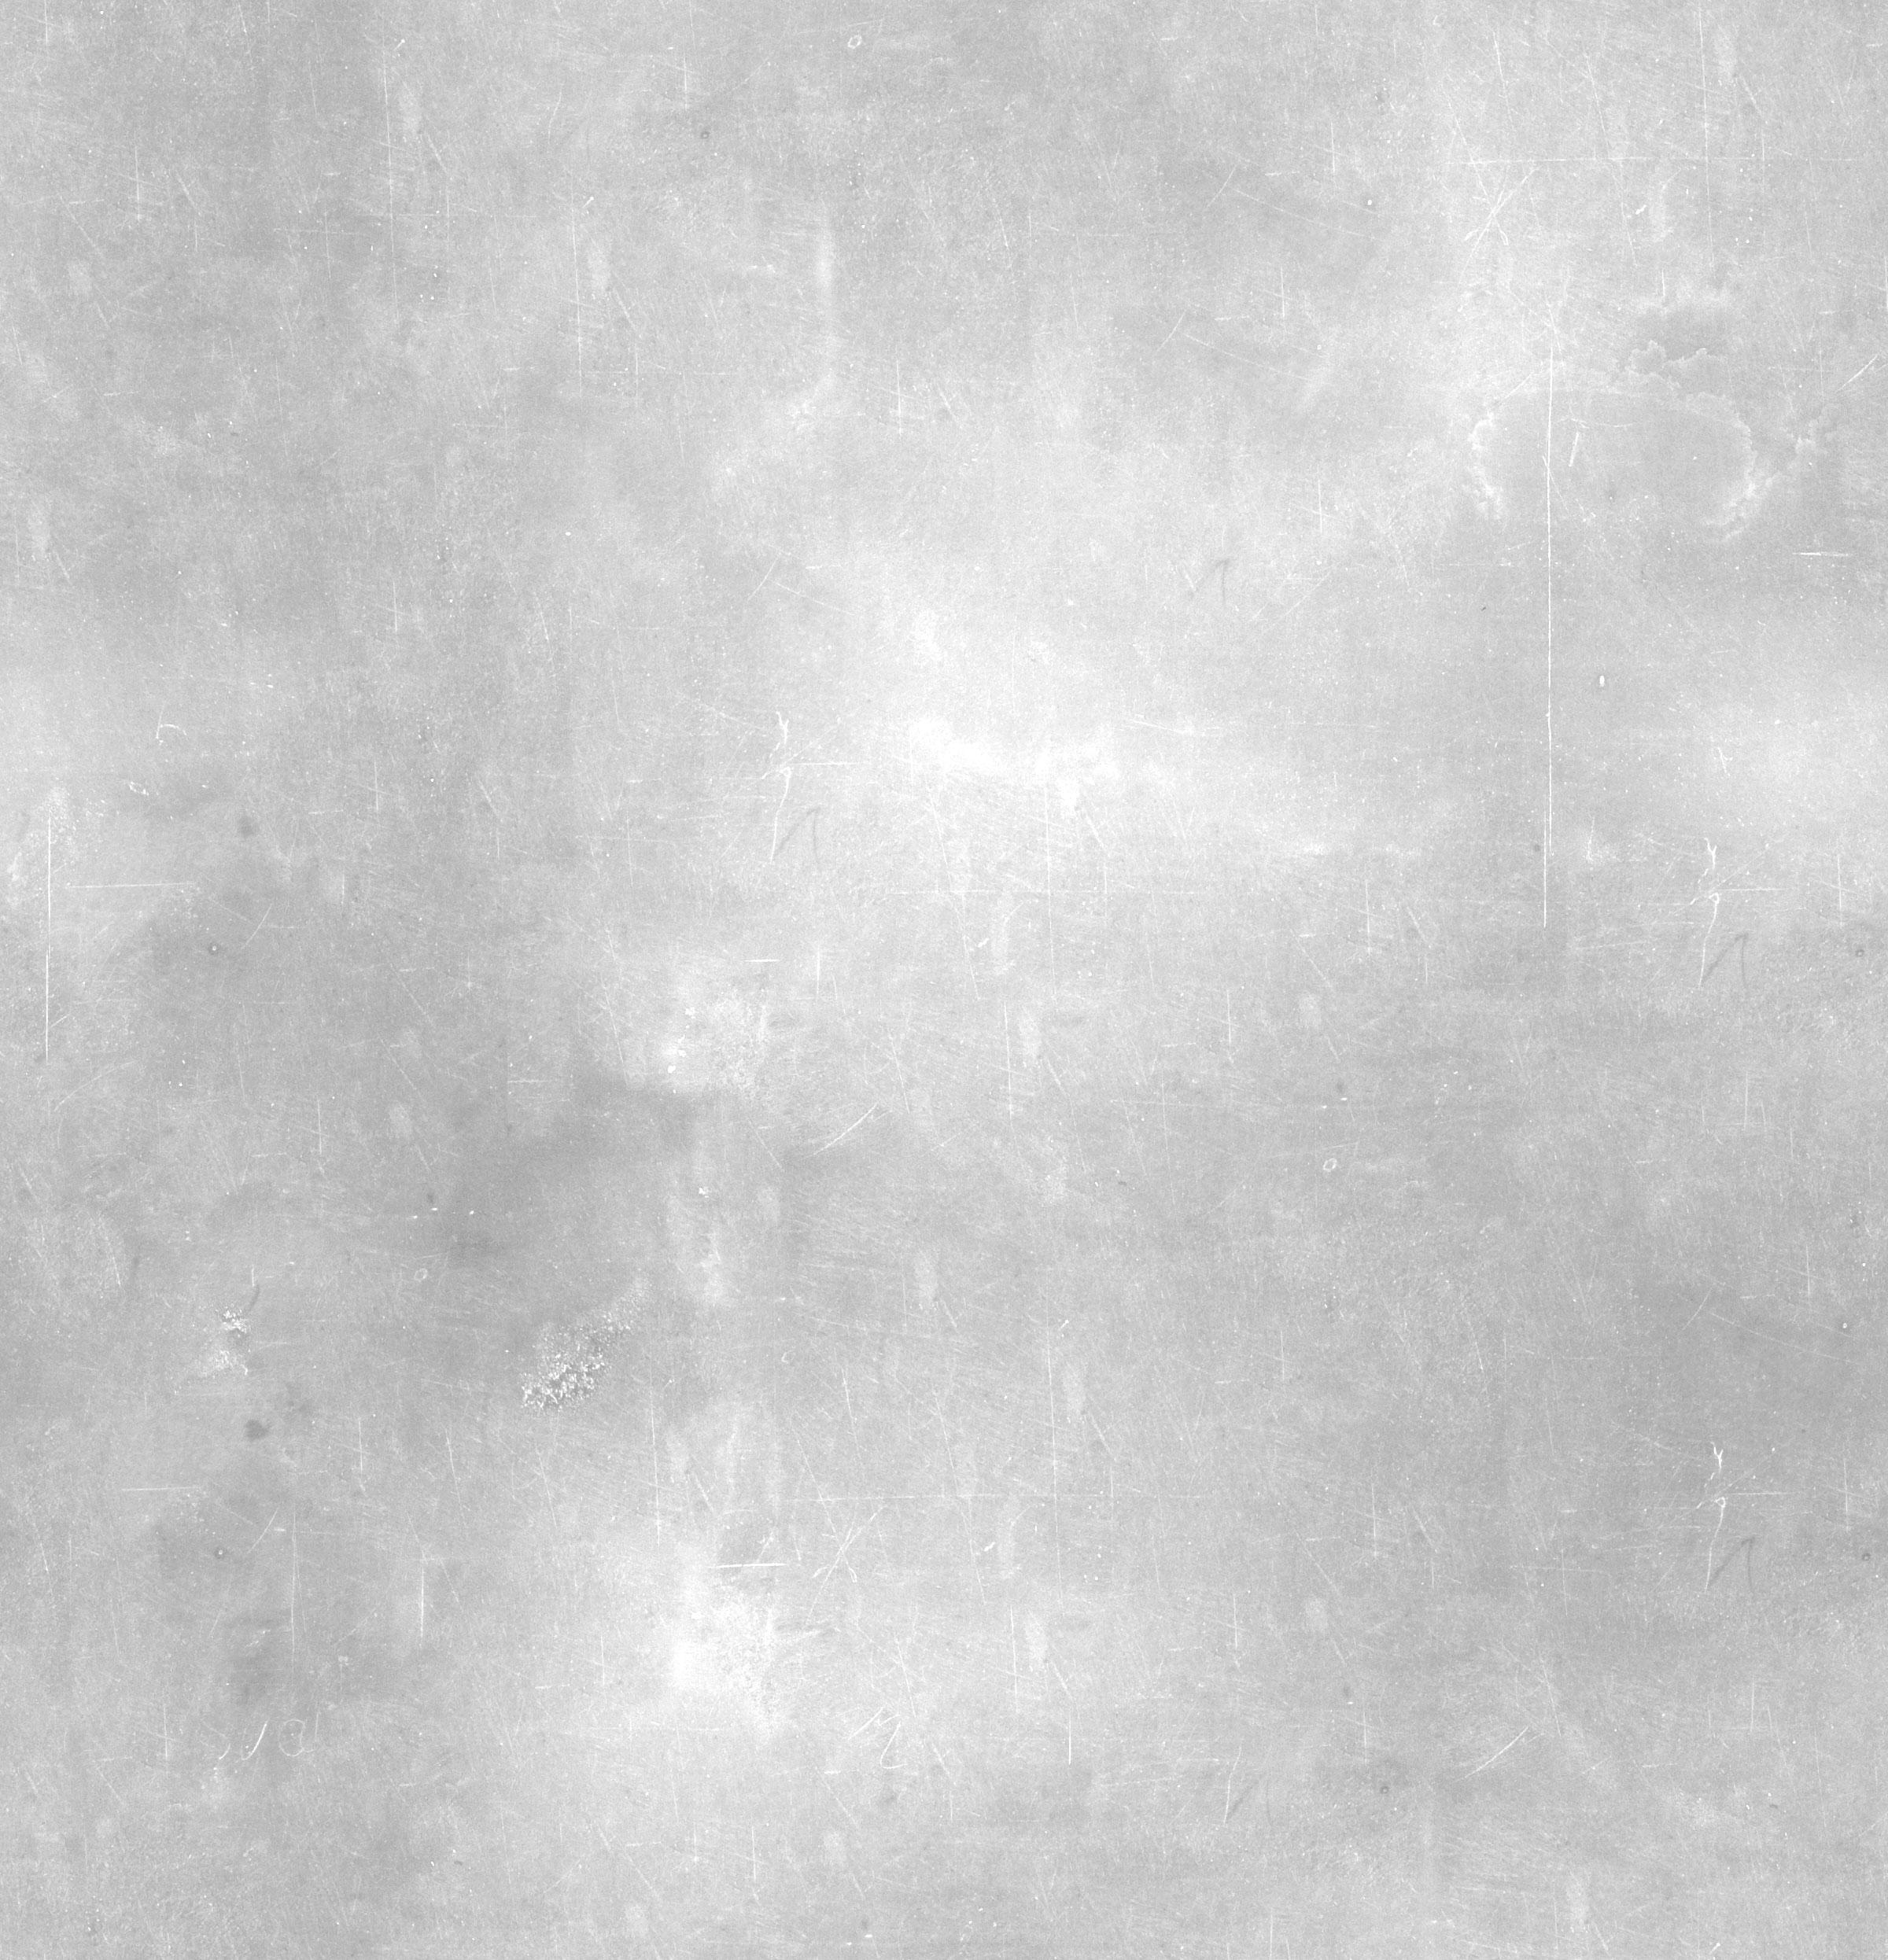 tumblr: 5 ELEGANT TUMBLR BACKGROUNDS, TUMBLR ELEGANT ...